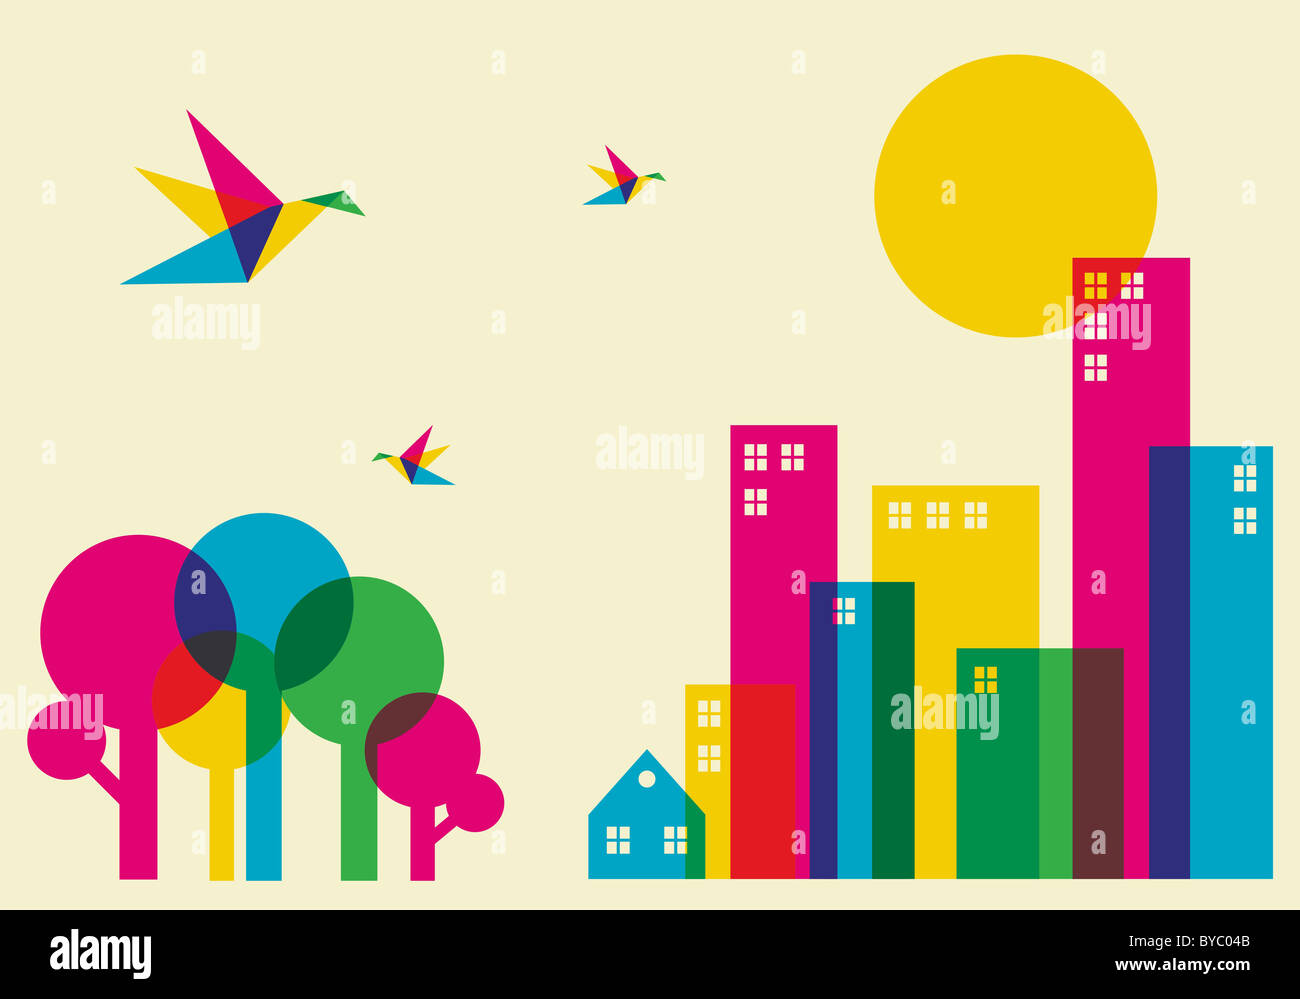 Frühling in der Stadt. Voller Farbe Brummen Vögel fliegen über den Wald und die Stadt. Vektor-Datei zur Verfügung. Stockfoto